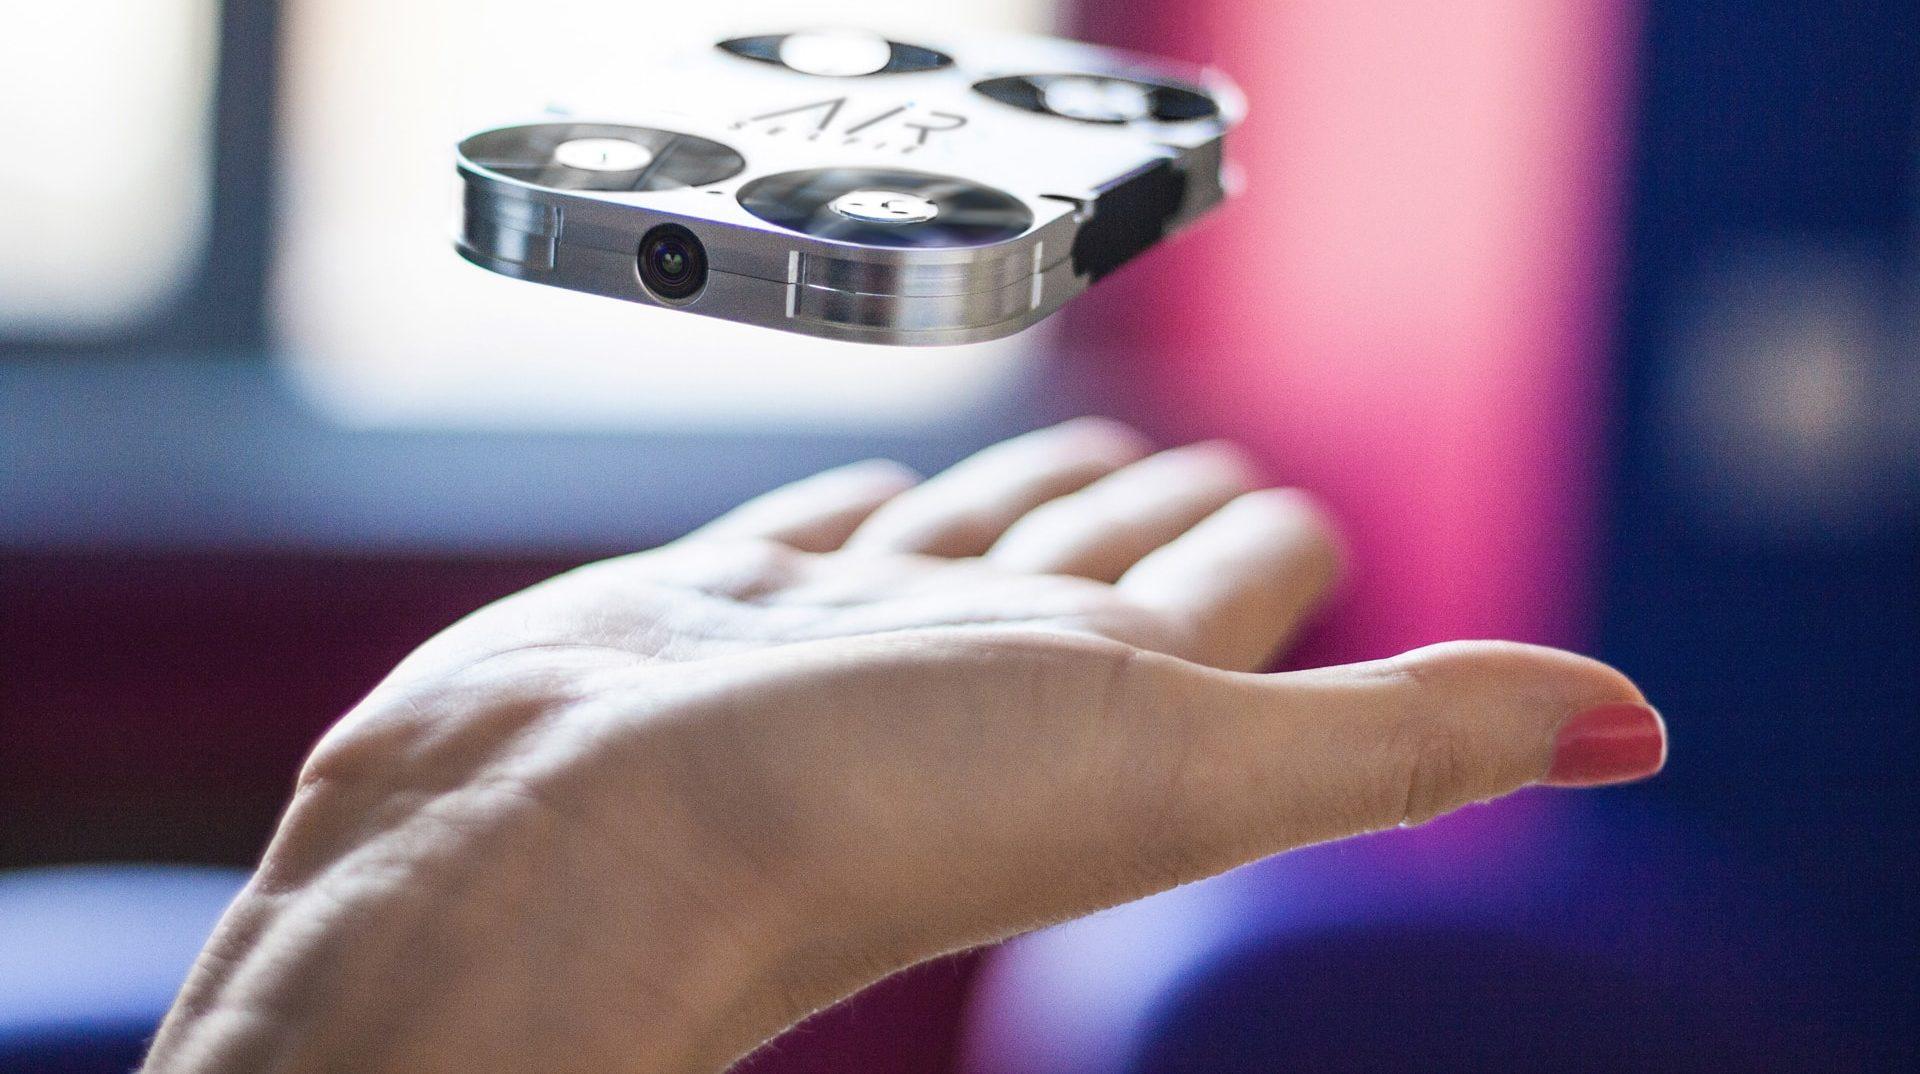 Air selfie Drones – Camera Drones